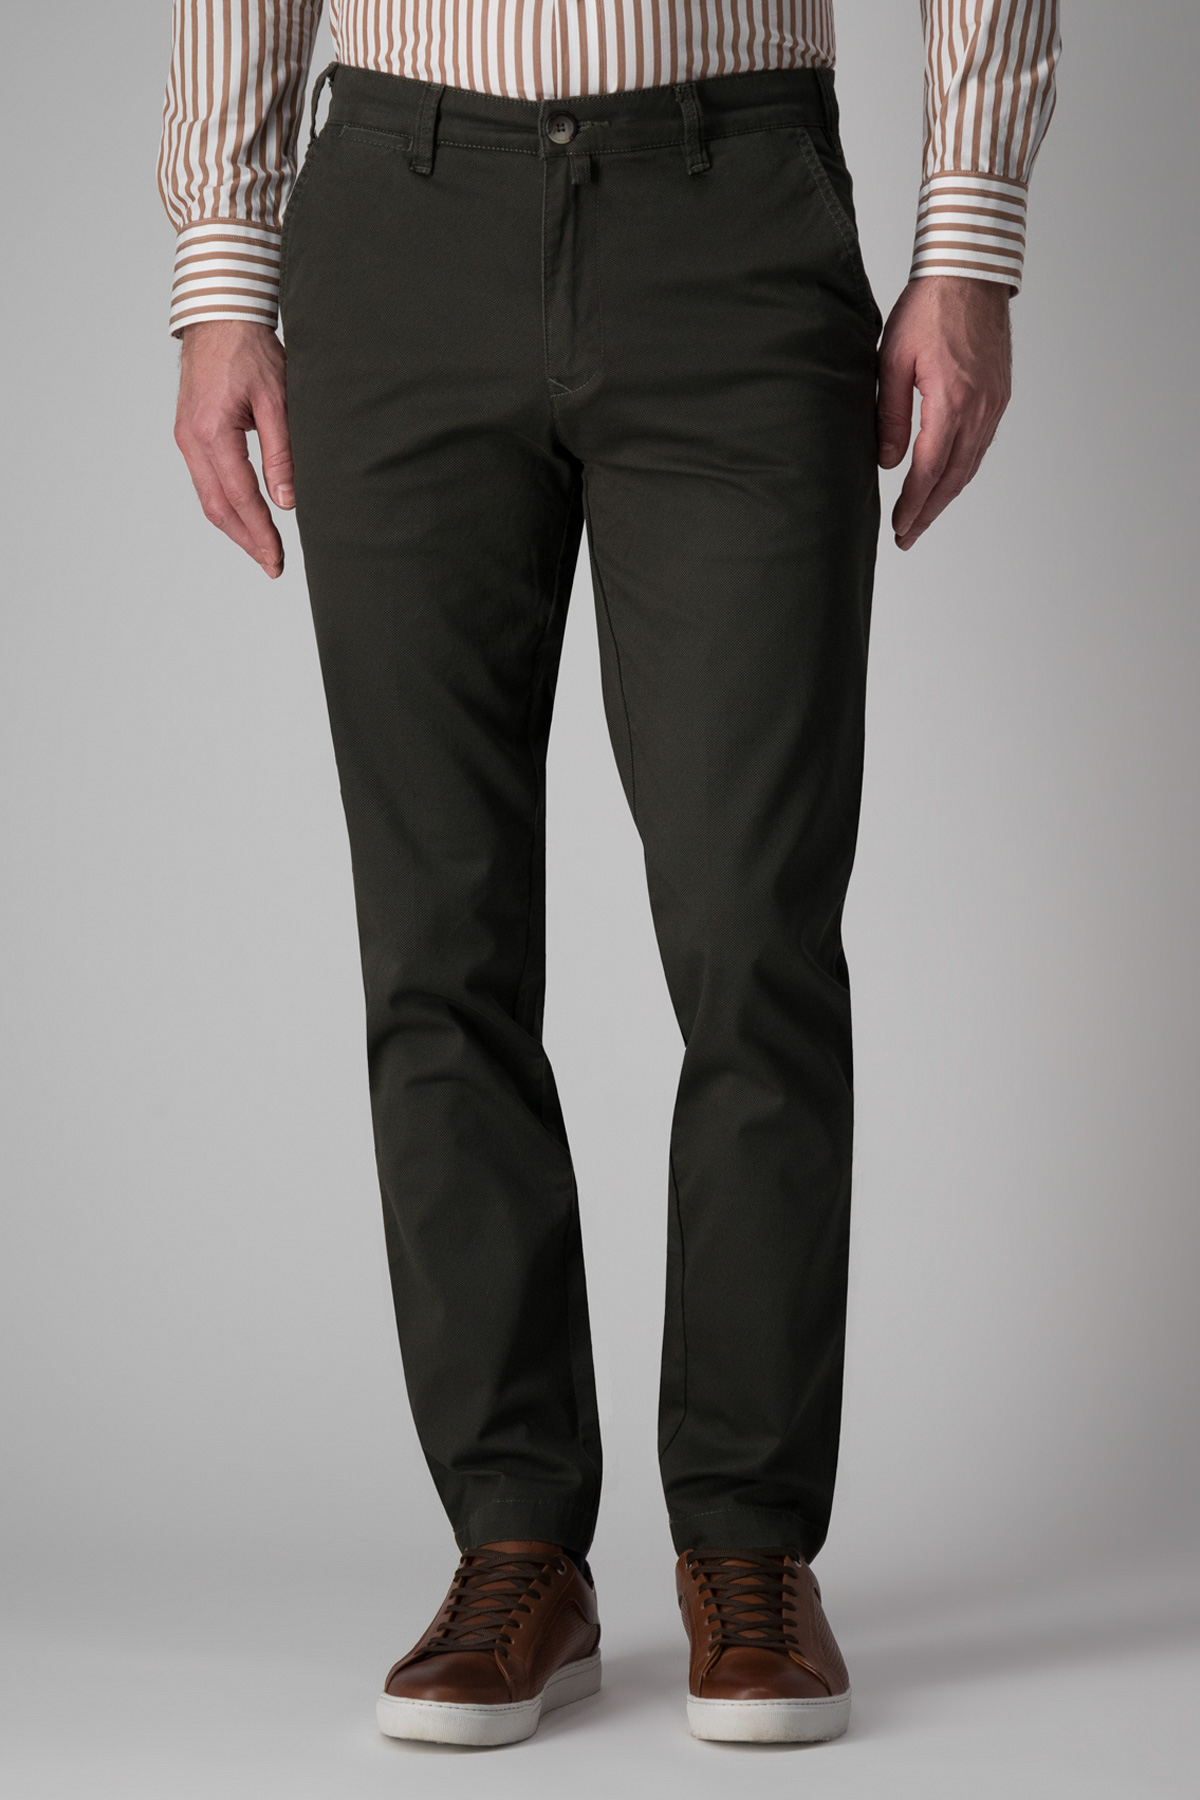 Pantalón Calderoni, algodón y elastano, modelo chino liso color verde.